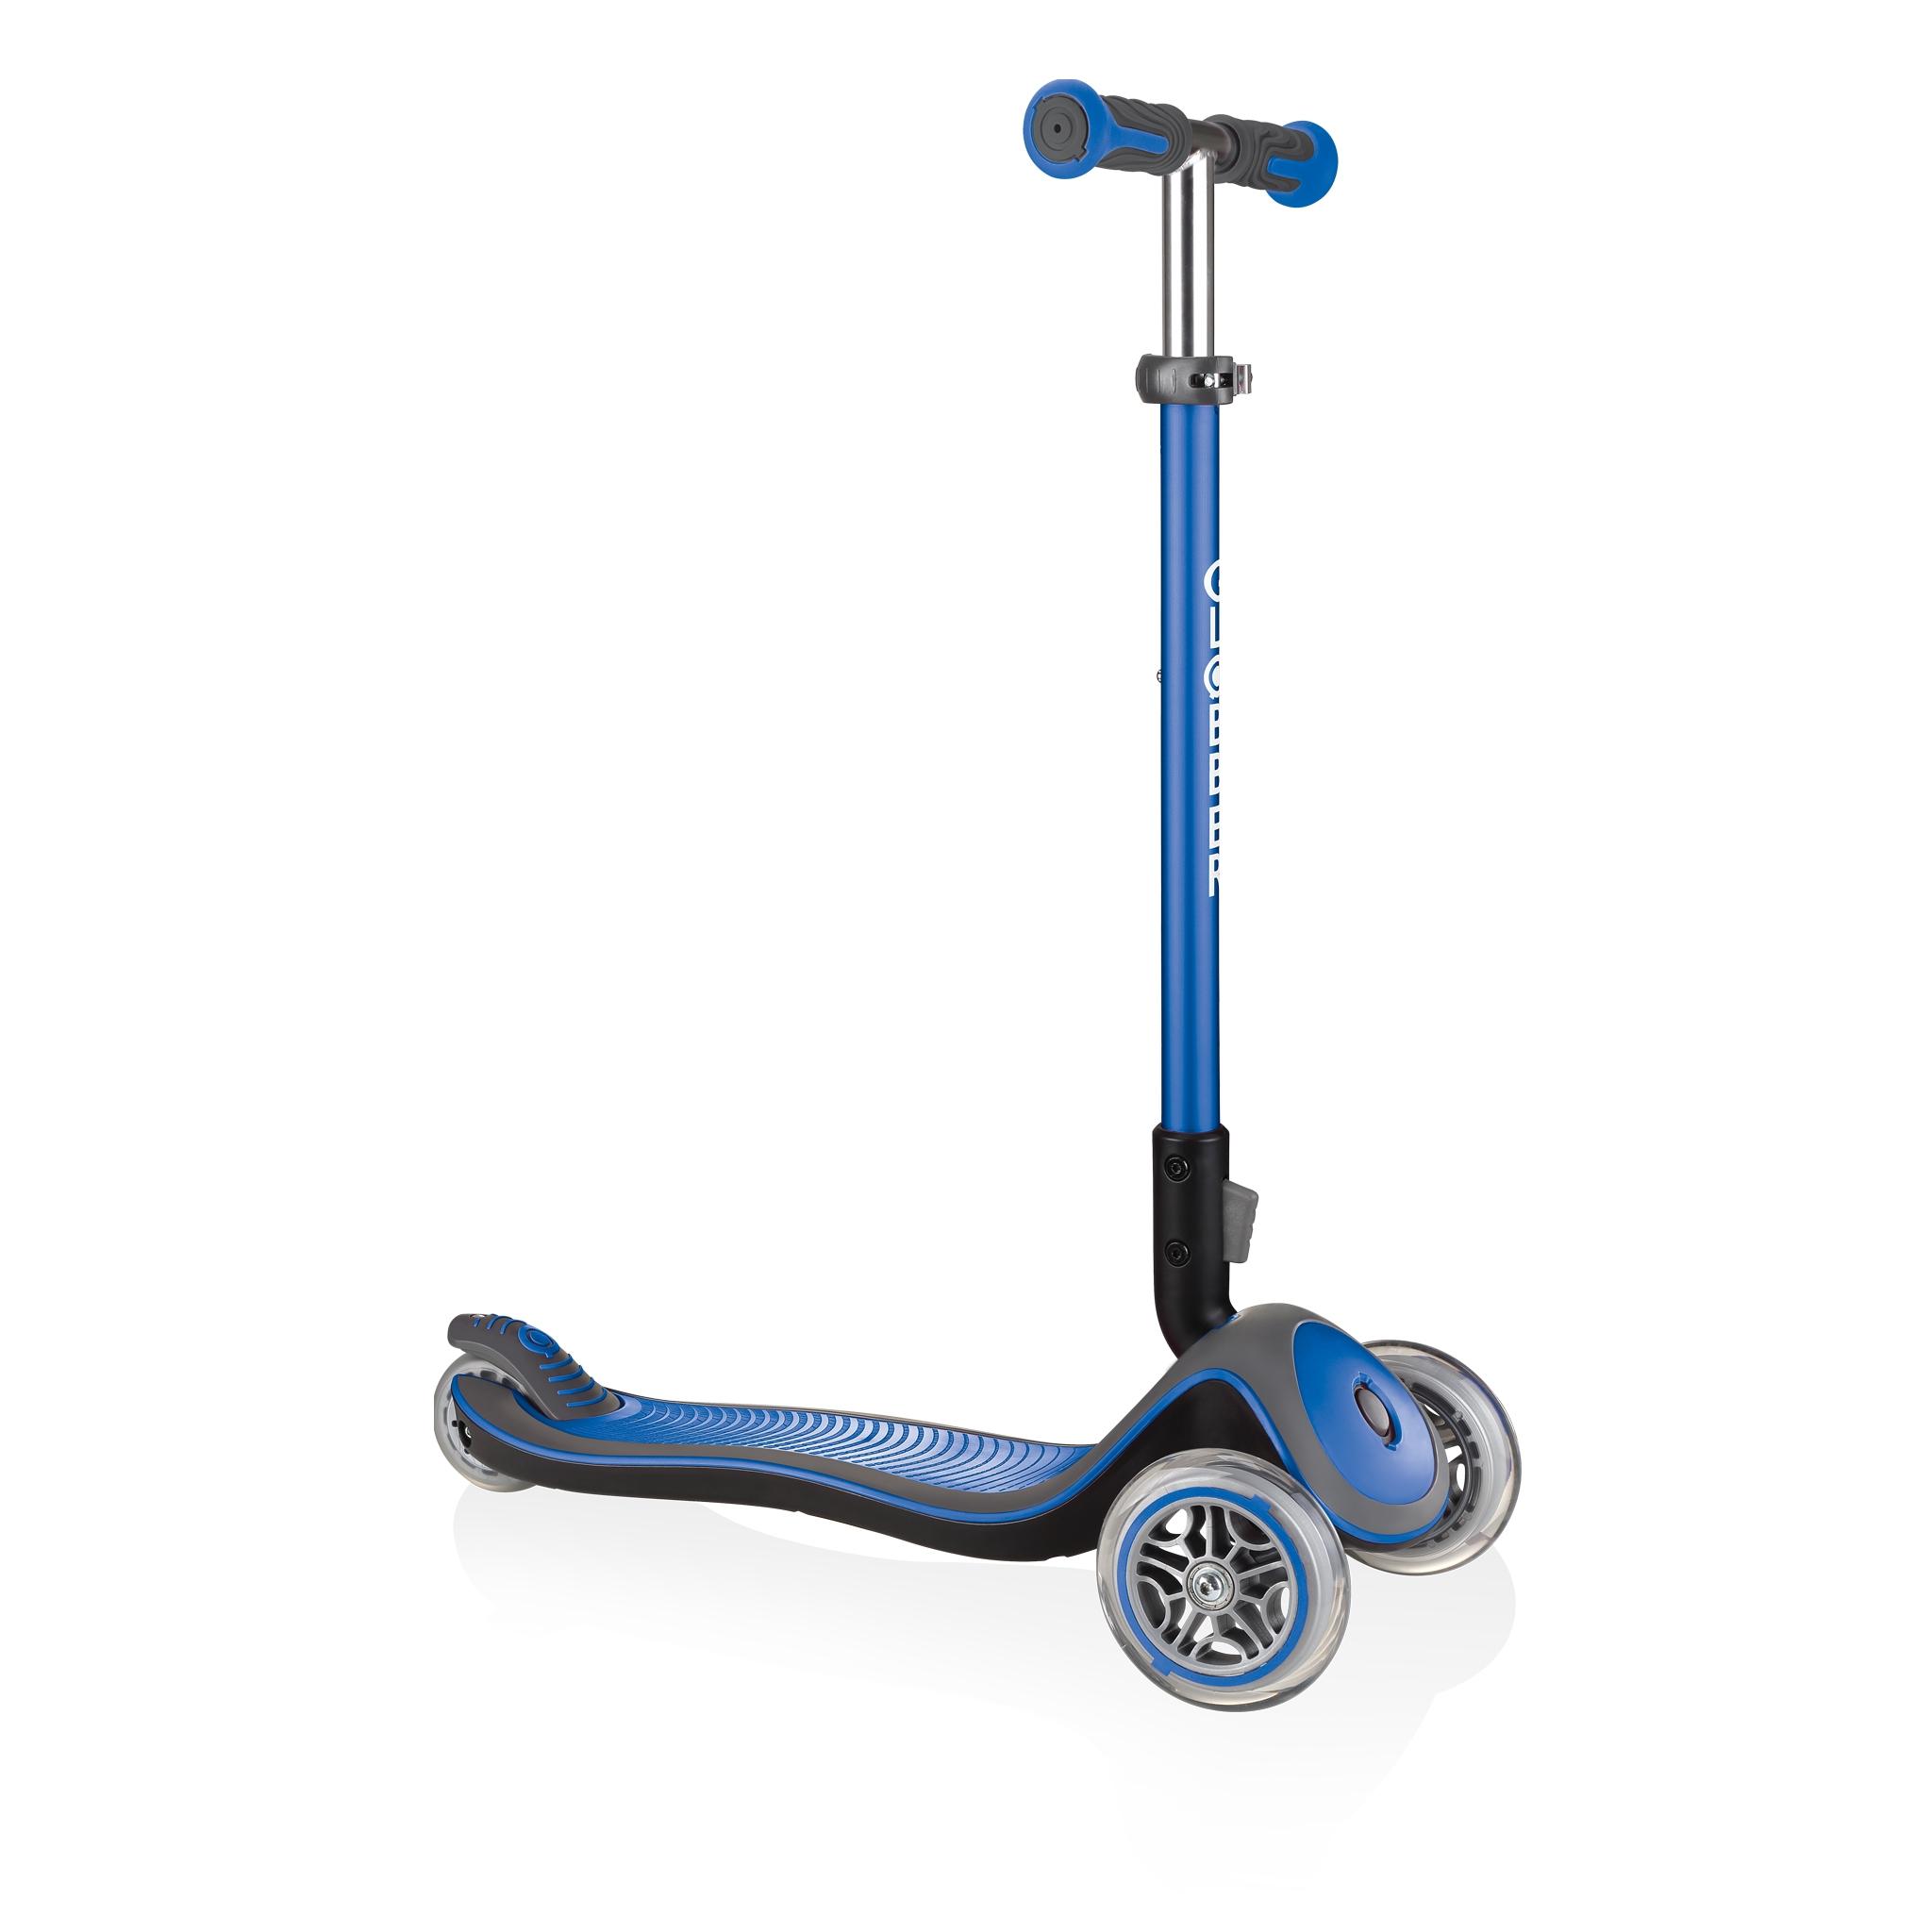 Globber-ELITE-DELUXE-Best-3-wheel-foldable-scooter-for-kids-aged-3+-navy-blue